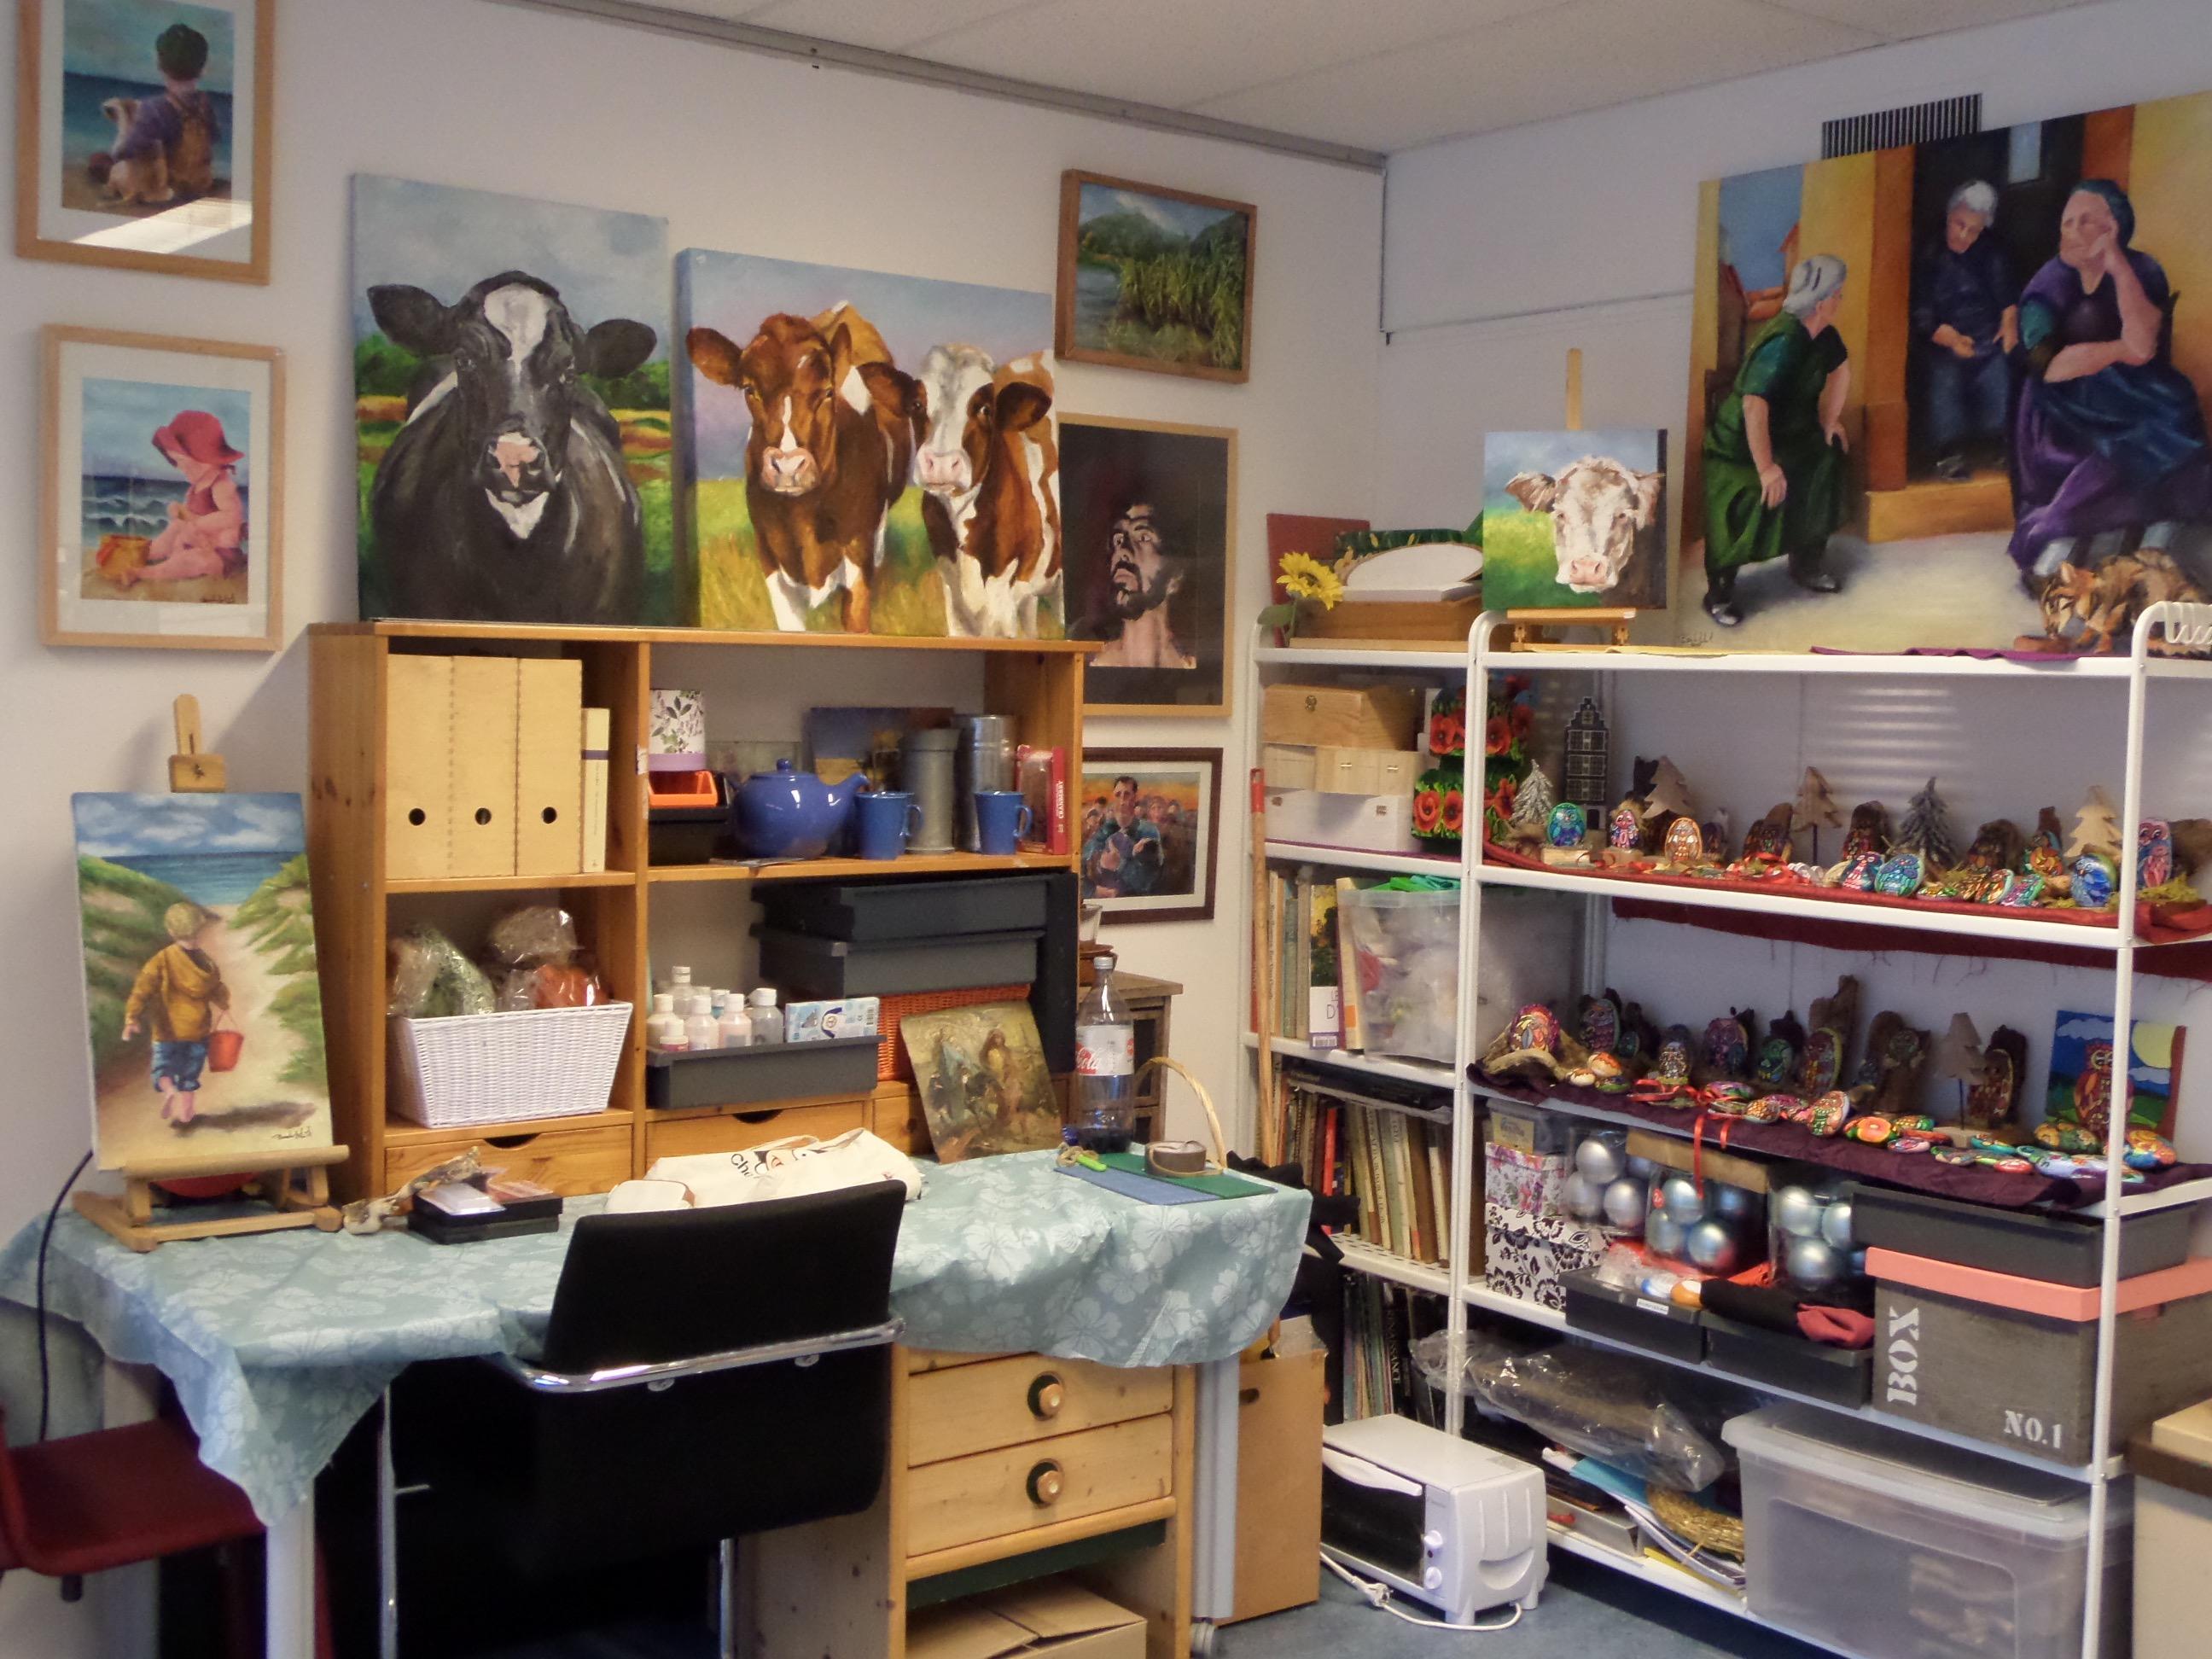 atelier Barbara Gelcich lookatie364 kunstpost